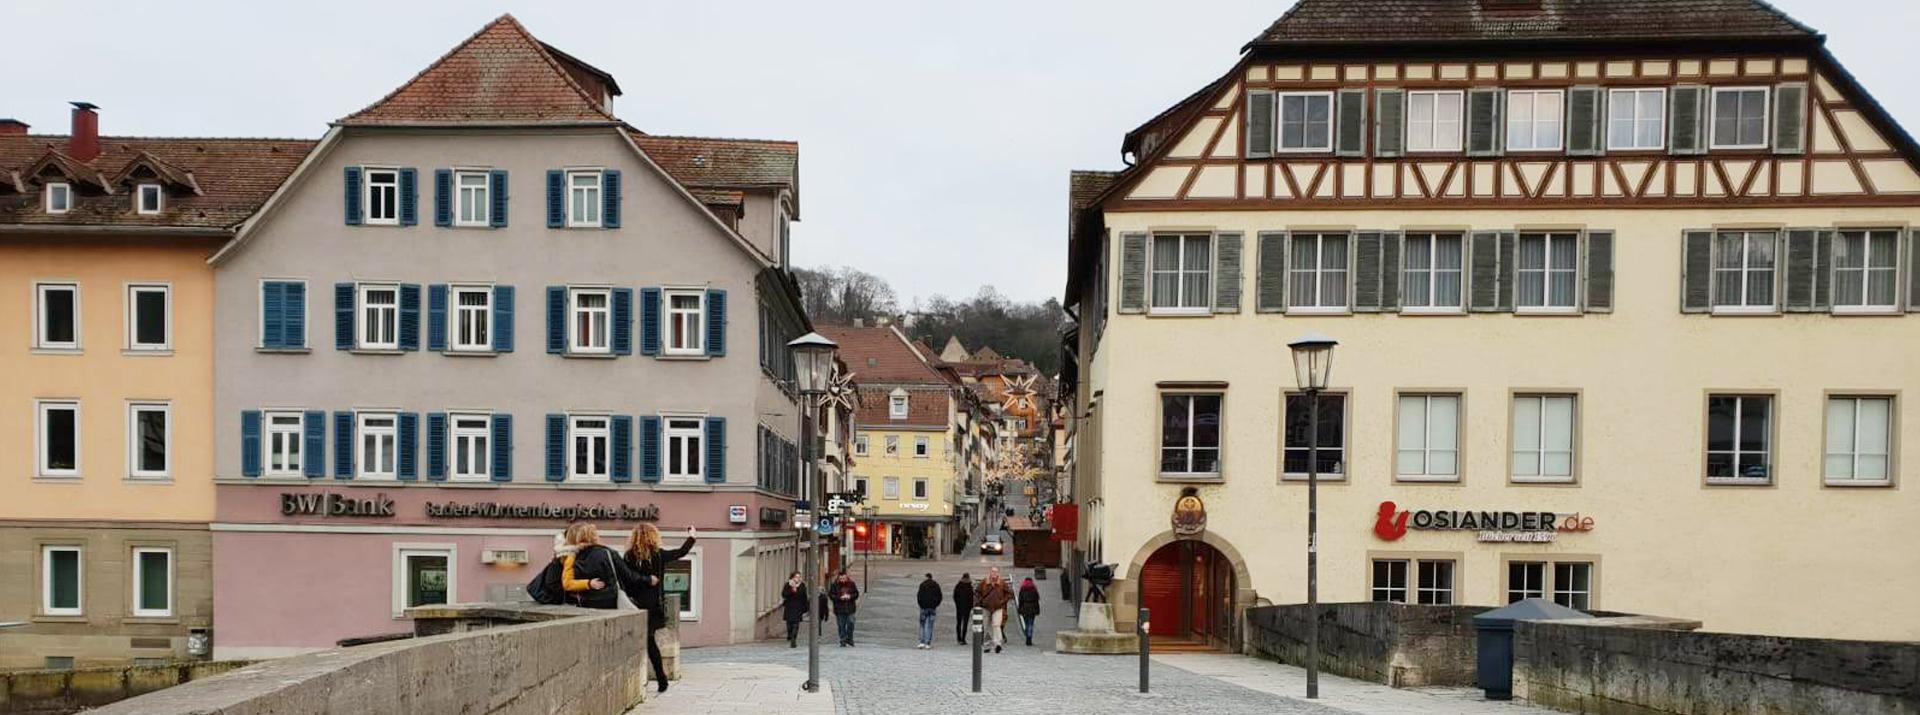 Unsere Praxis liegt mitten in der Altstadt von Schwäbisch Hall